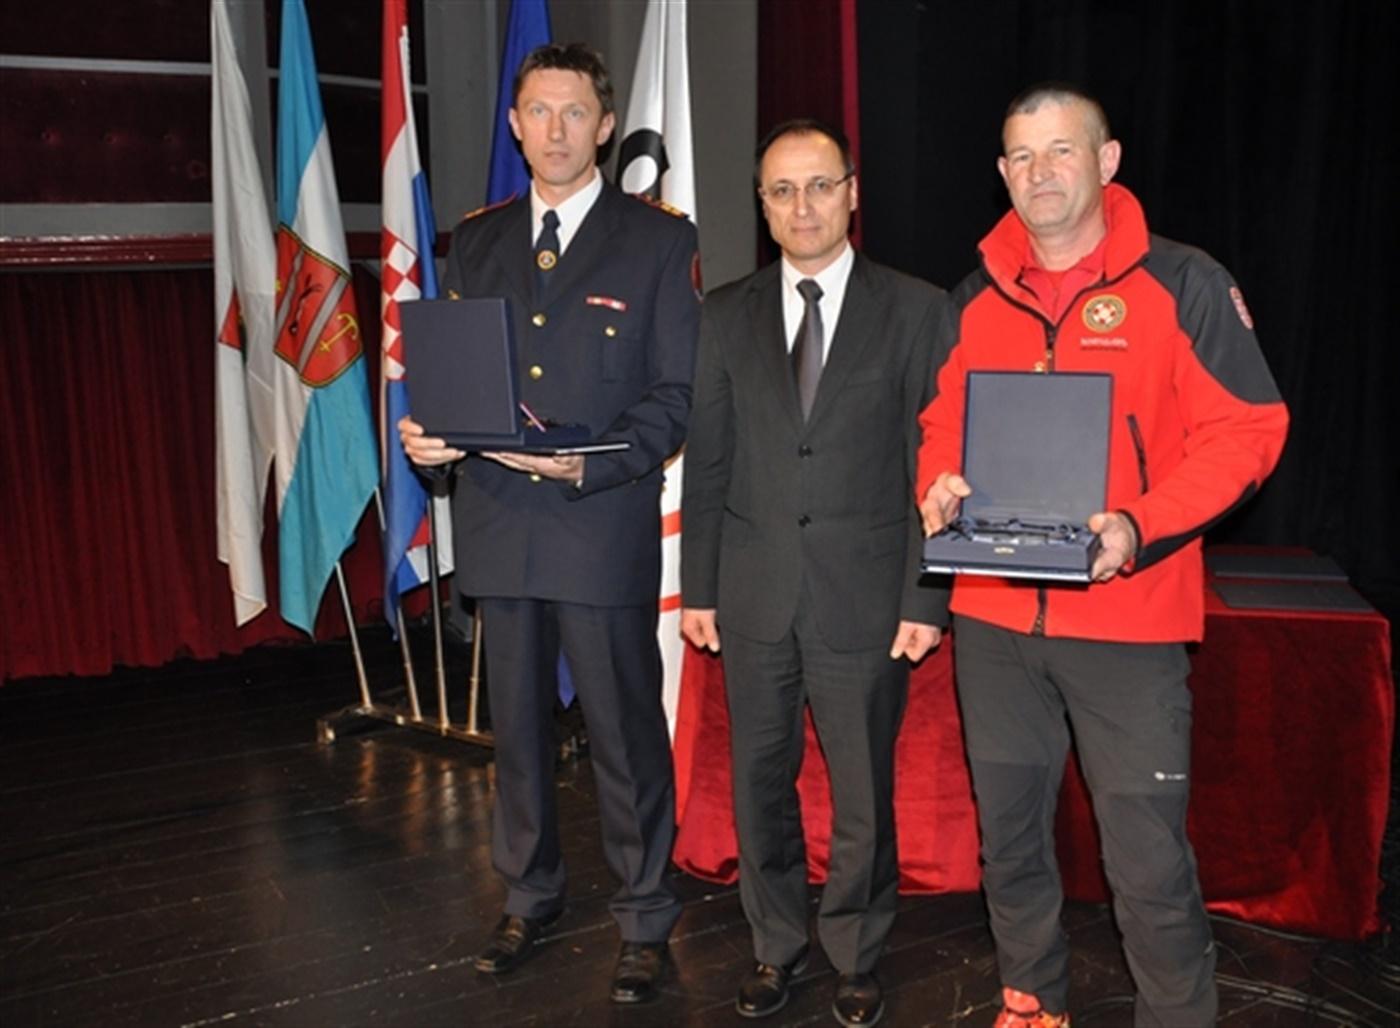 """Uručena nagrada za """"Naročit pothvat"""" članu HGSS Stanice Rijeka Vladimiru Paušiću"""